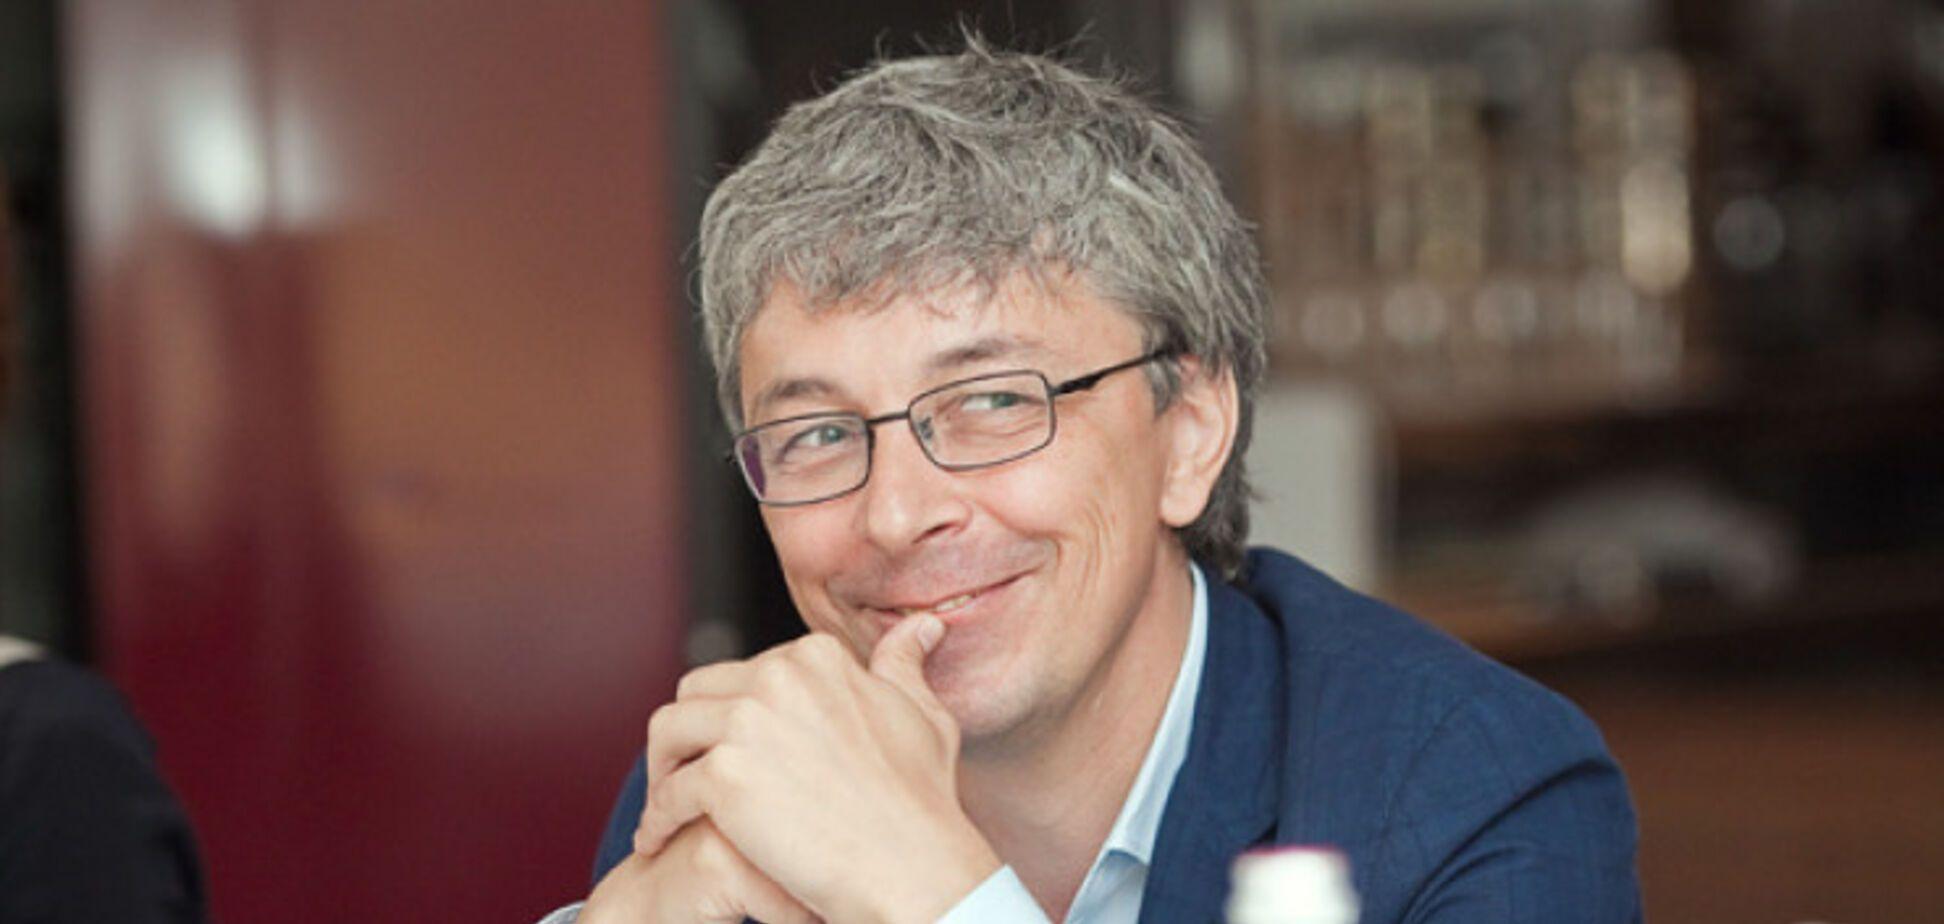 Ткаченко стал лидером на должность мэра Киева среди 'слуг народа' – опрос